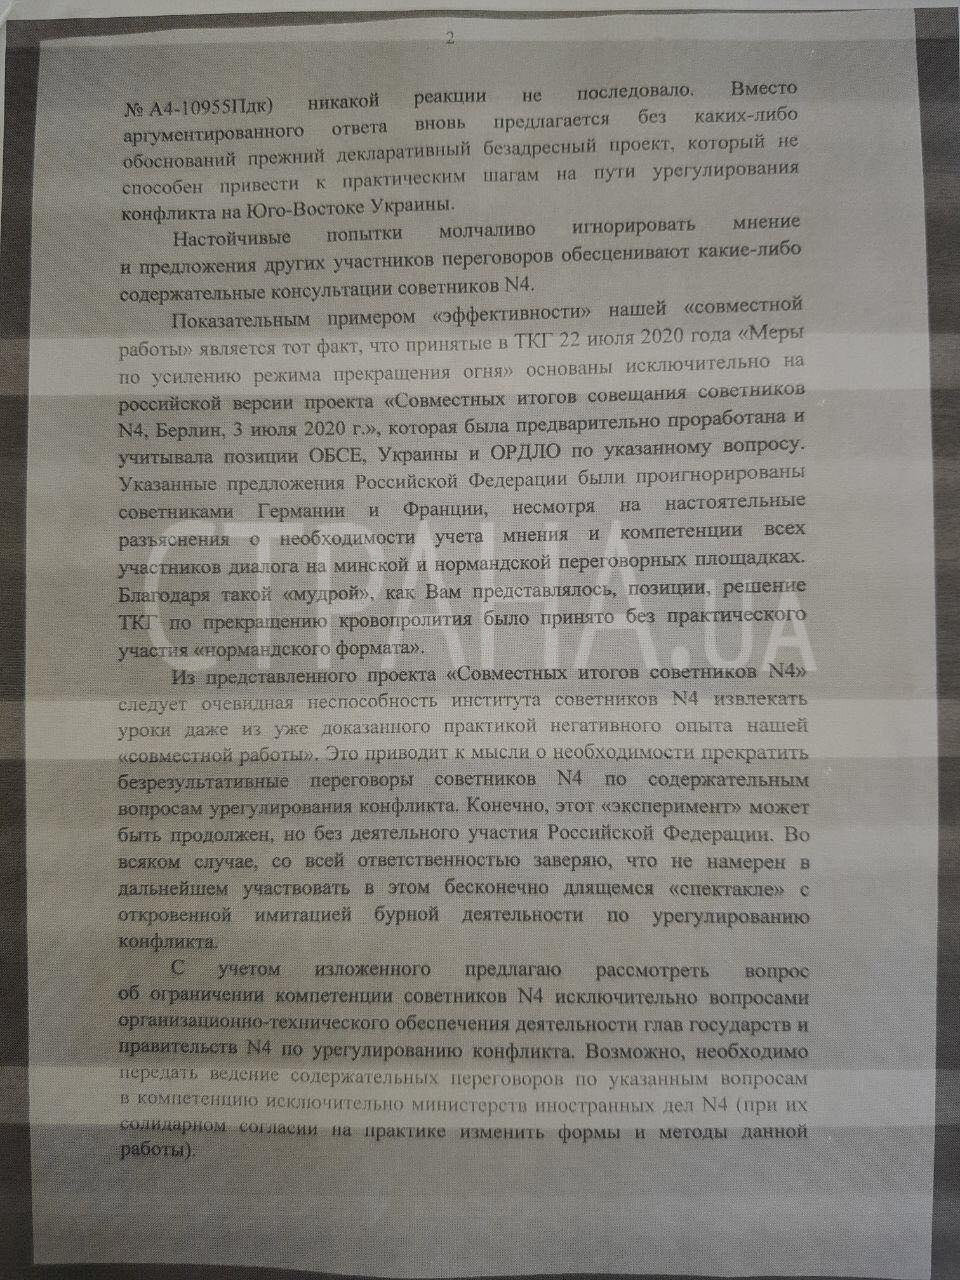 Козак заявил о выходе России из переговоров с Ермаком по Донбассу, фото-2